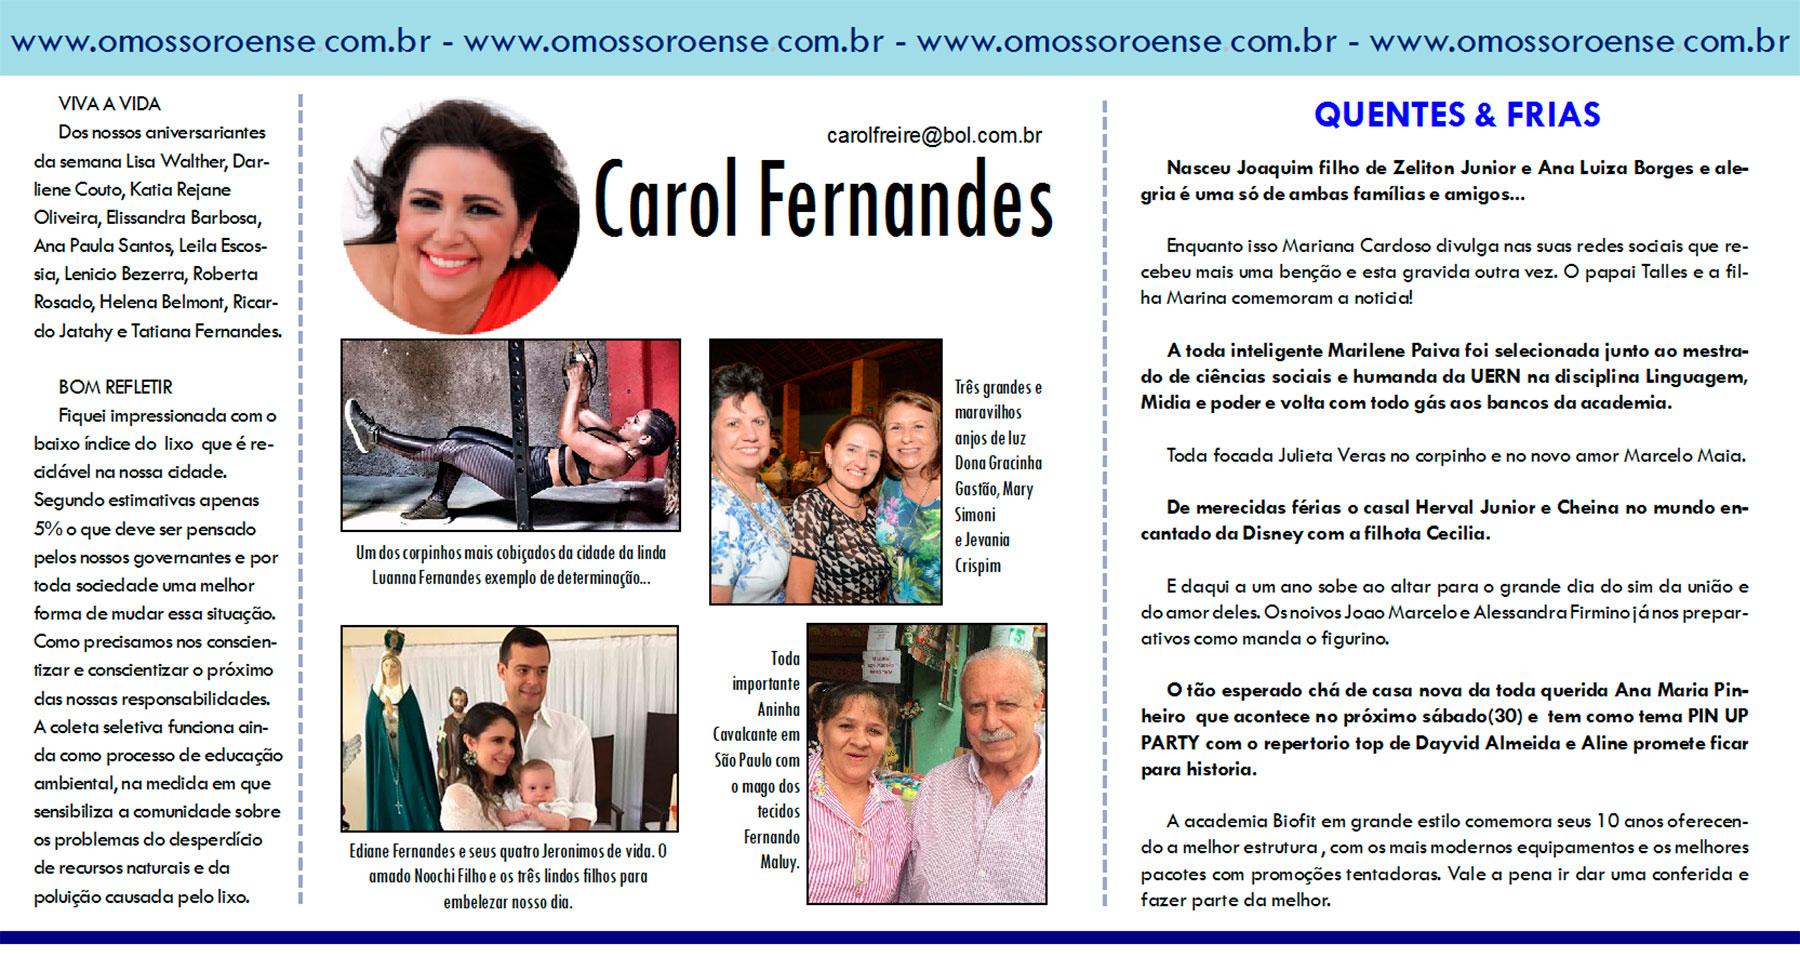 CAROL-FERNANDES---28-07-16